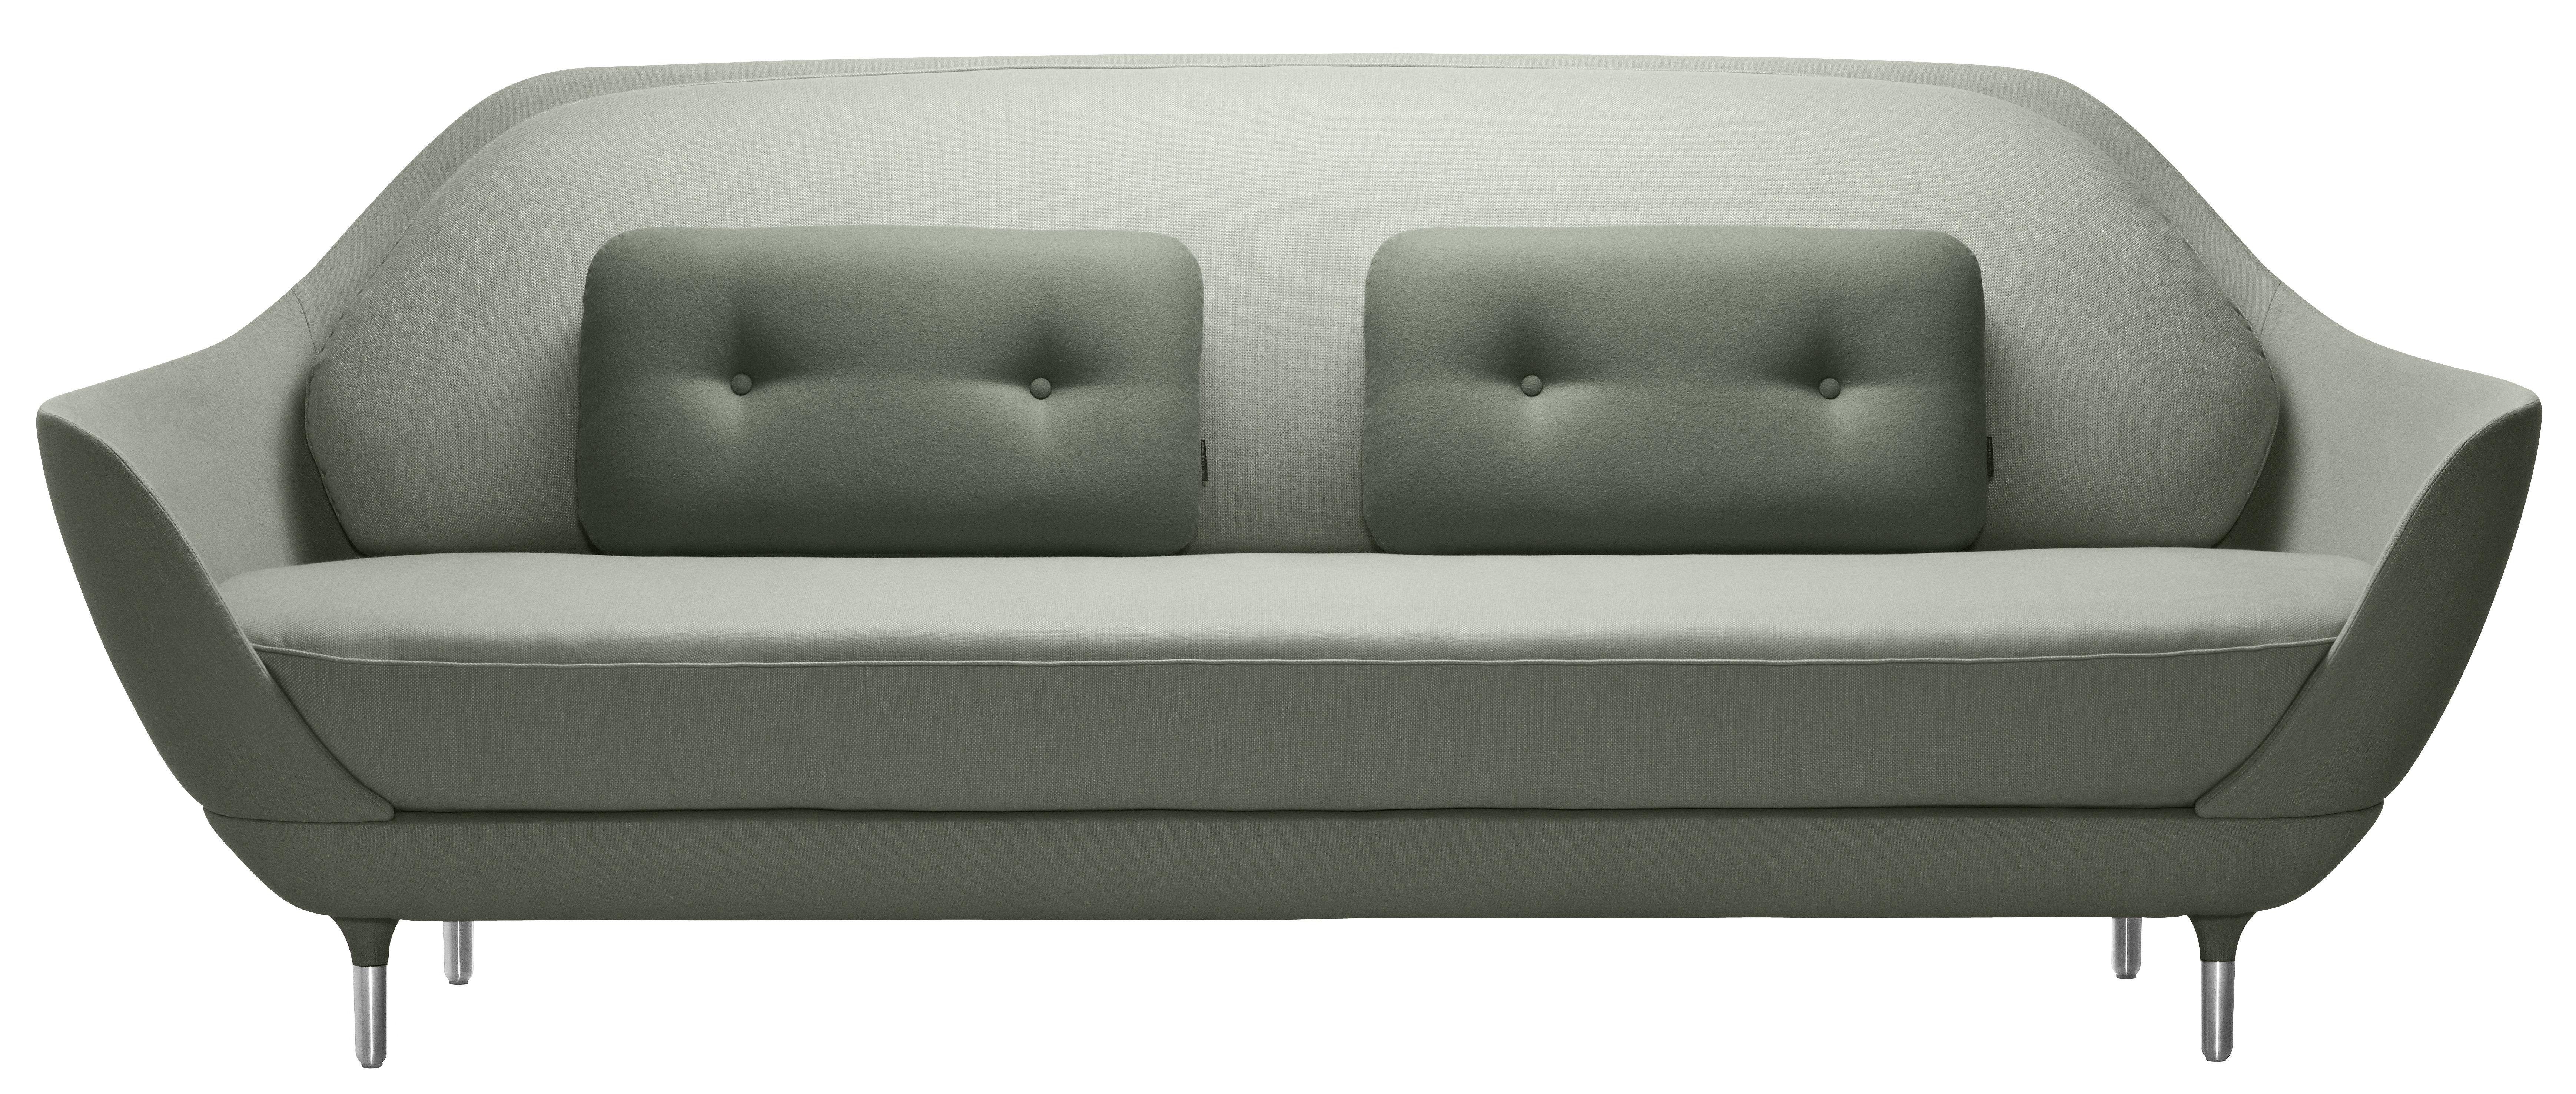 Scopri divano destro favn l 221 cm verde salvia di fritz for Divano verde salvia